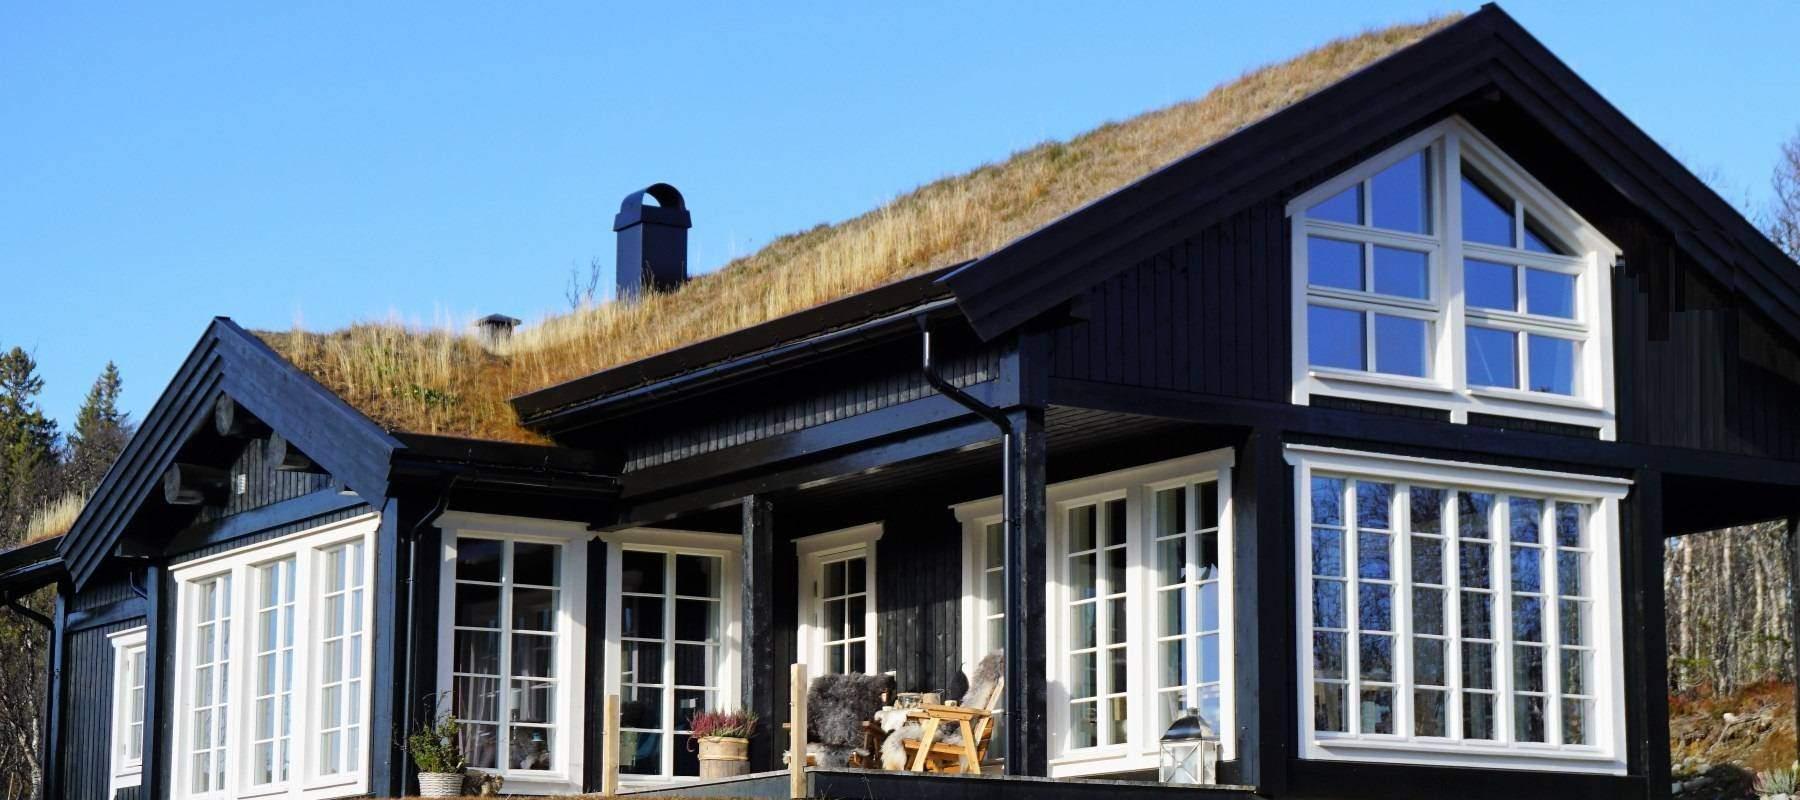 142 Hytte Bagn Stryn 97 186-100